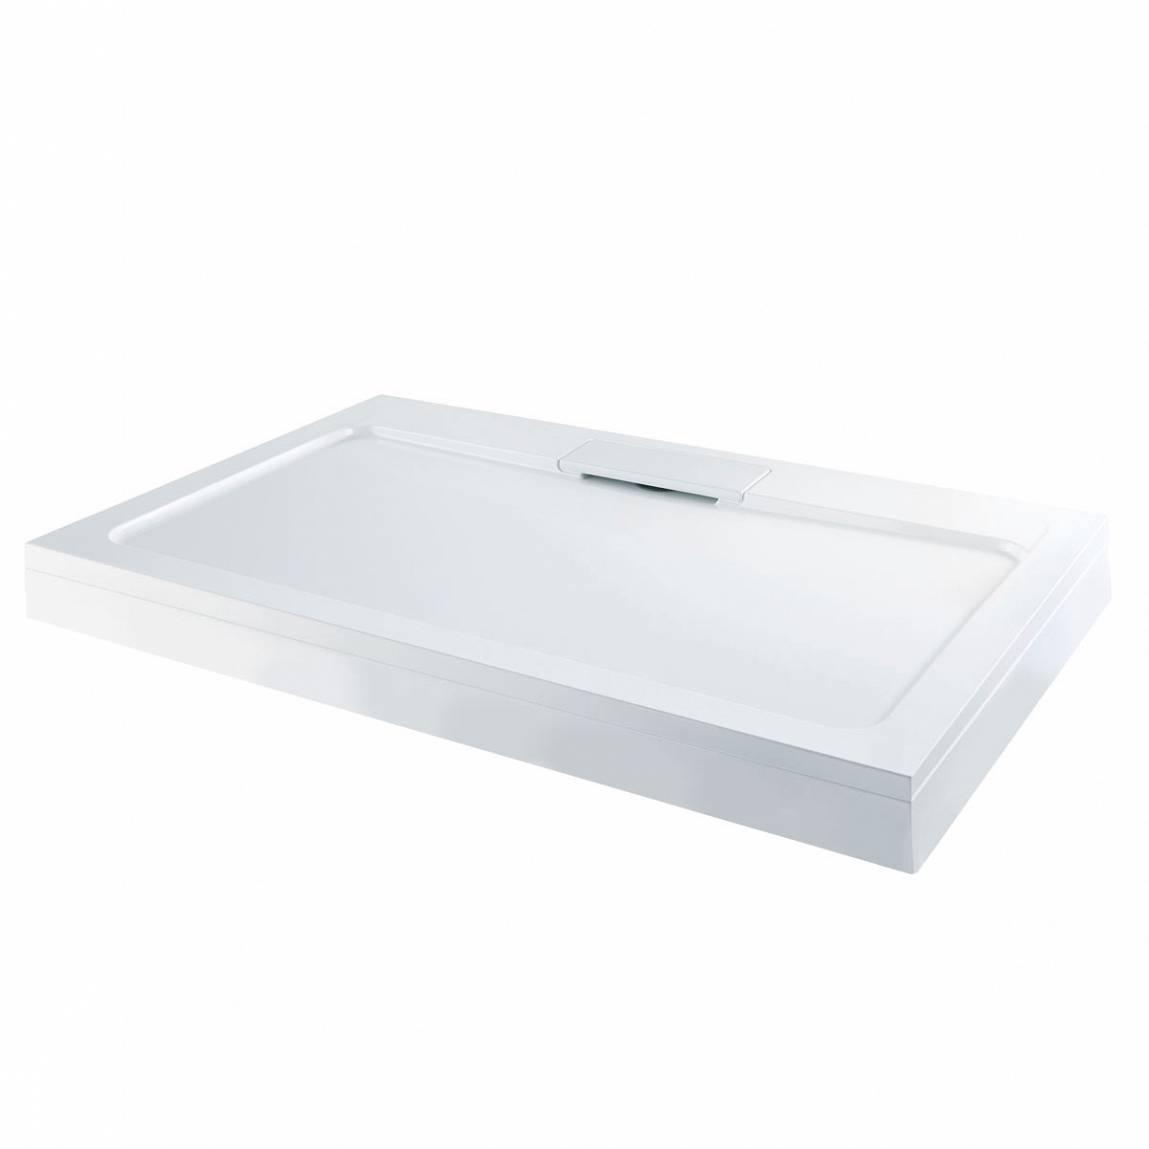 Image of Designer Rectangular Stone Shower Tray & Riser Kit 1200 x 800